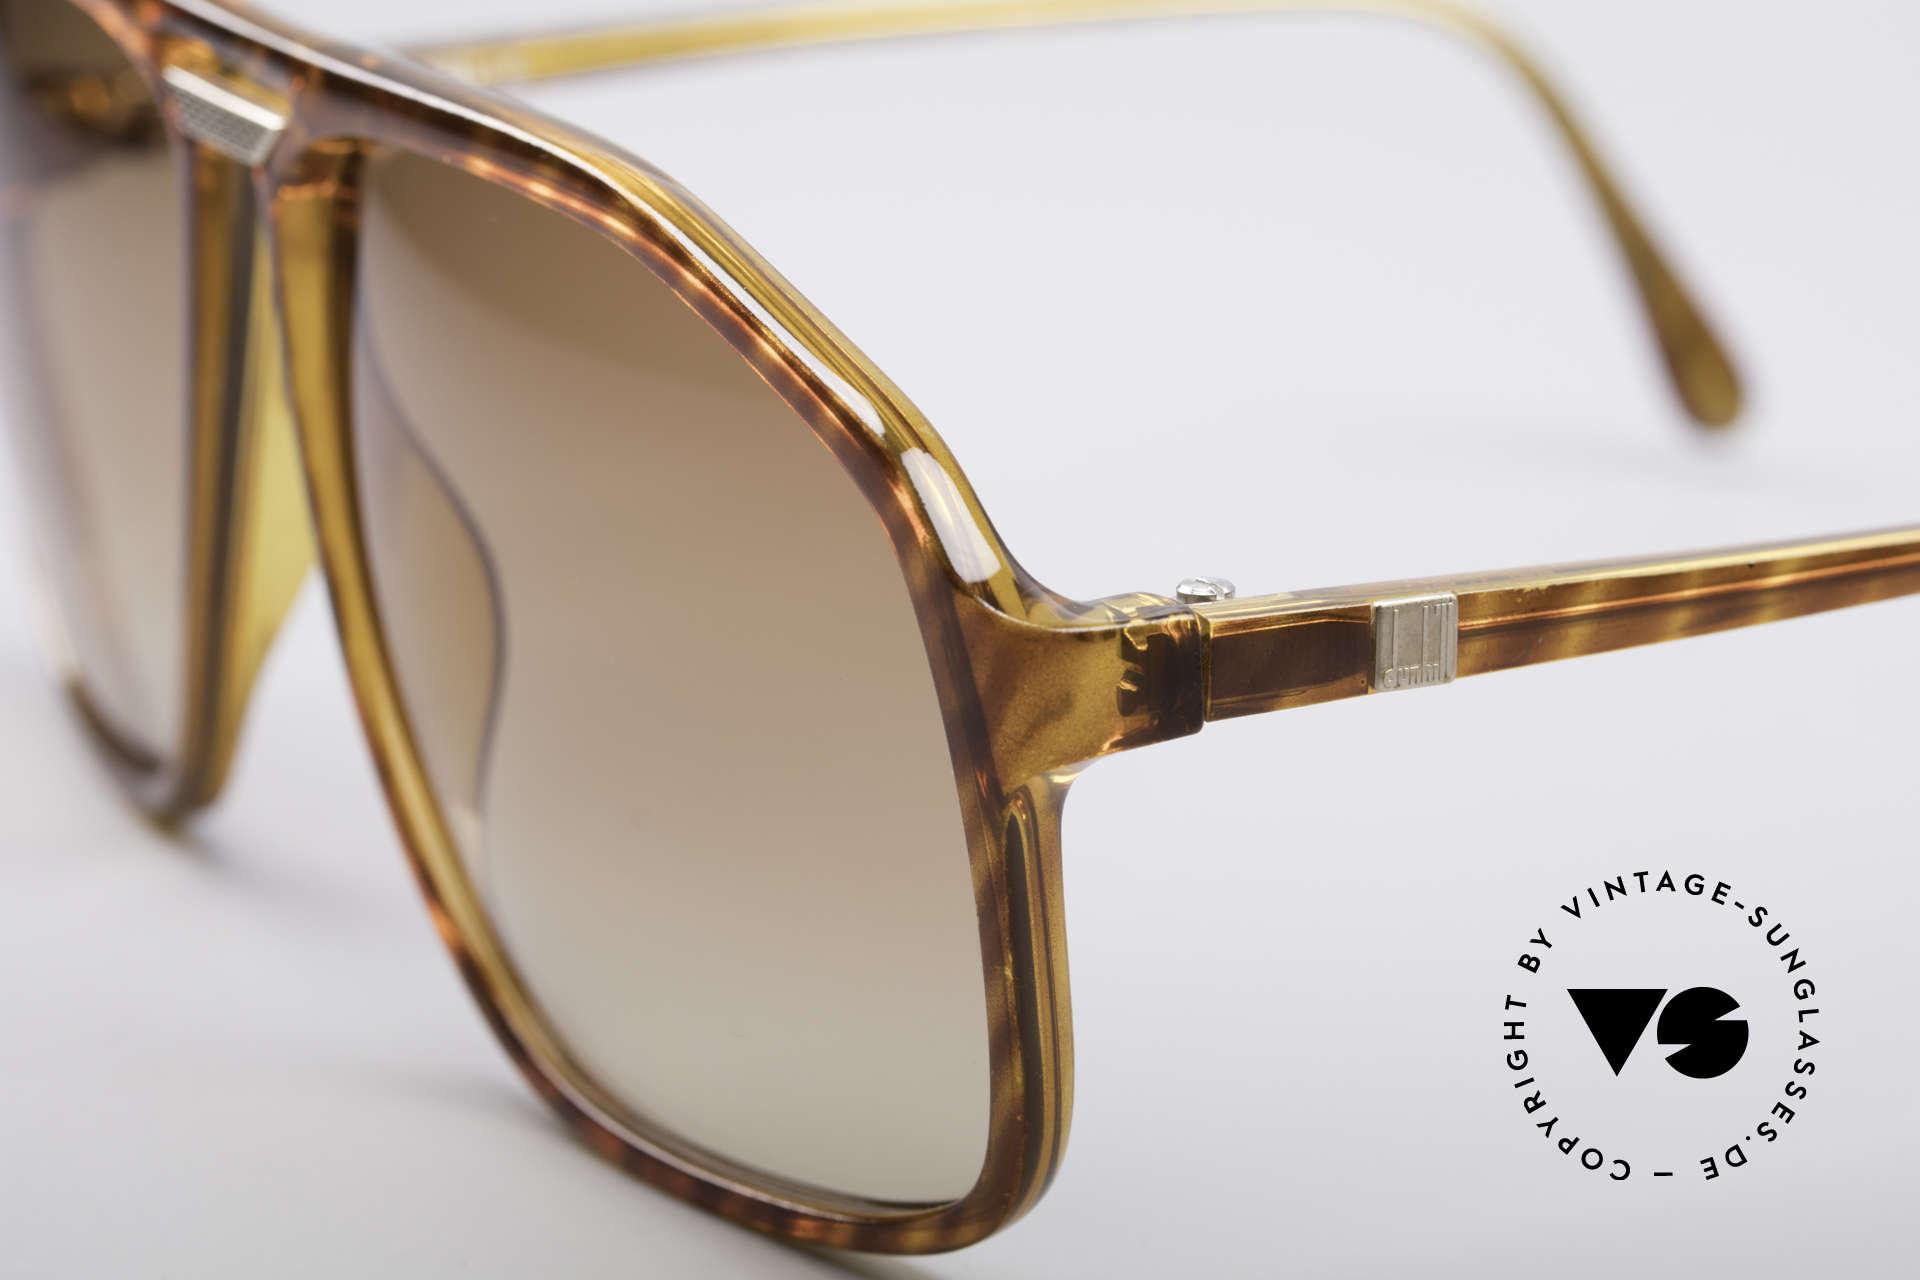 Dunhill 6097 Luxus Herren Sonnenbrille M, edler Farbton und Gläser in einem hellbraunen Verlauf, Passend für Herren